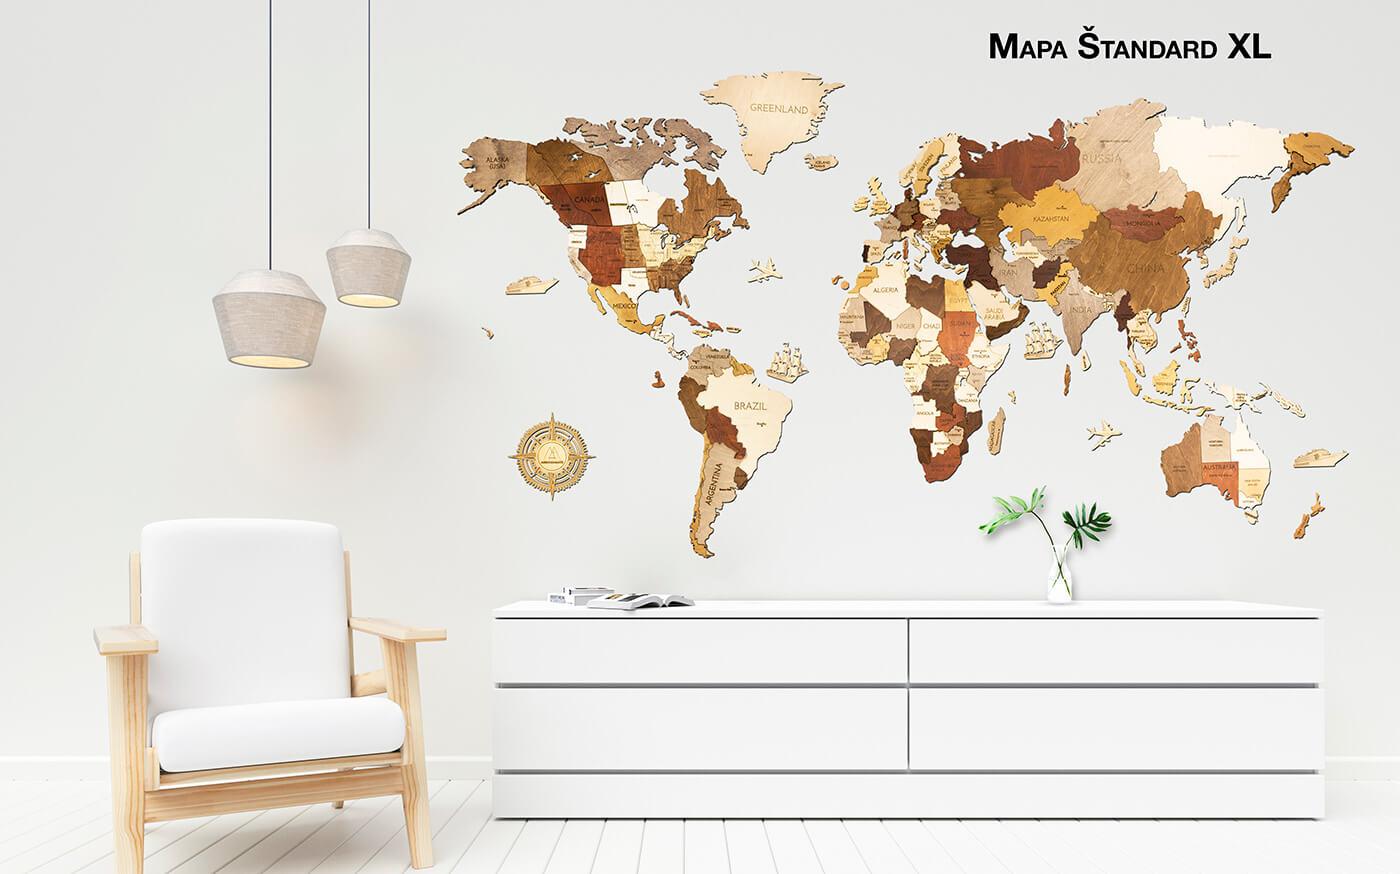 Drevená mapa sveta XL štandard (rozmer 200 x 100 cm)